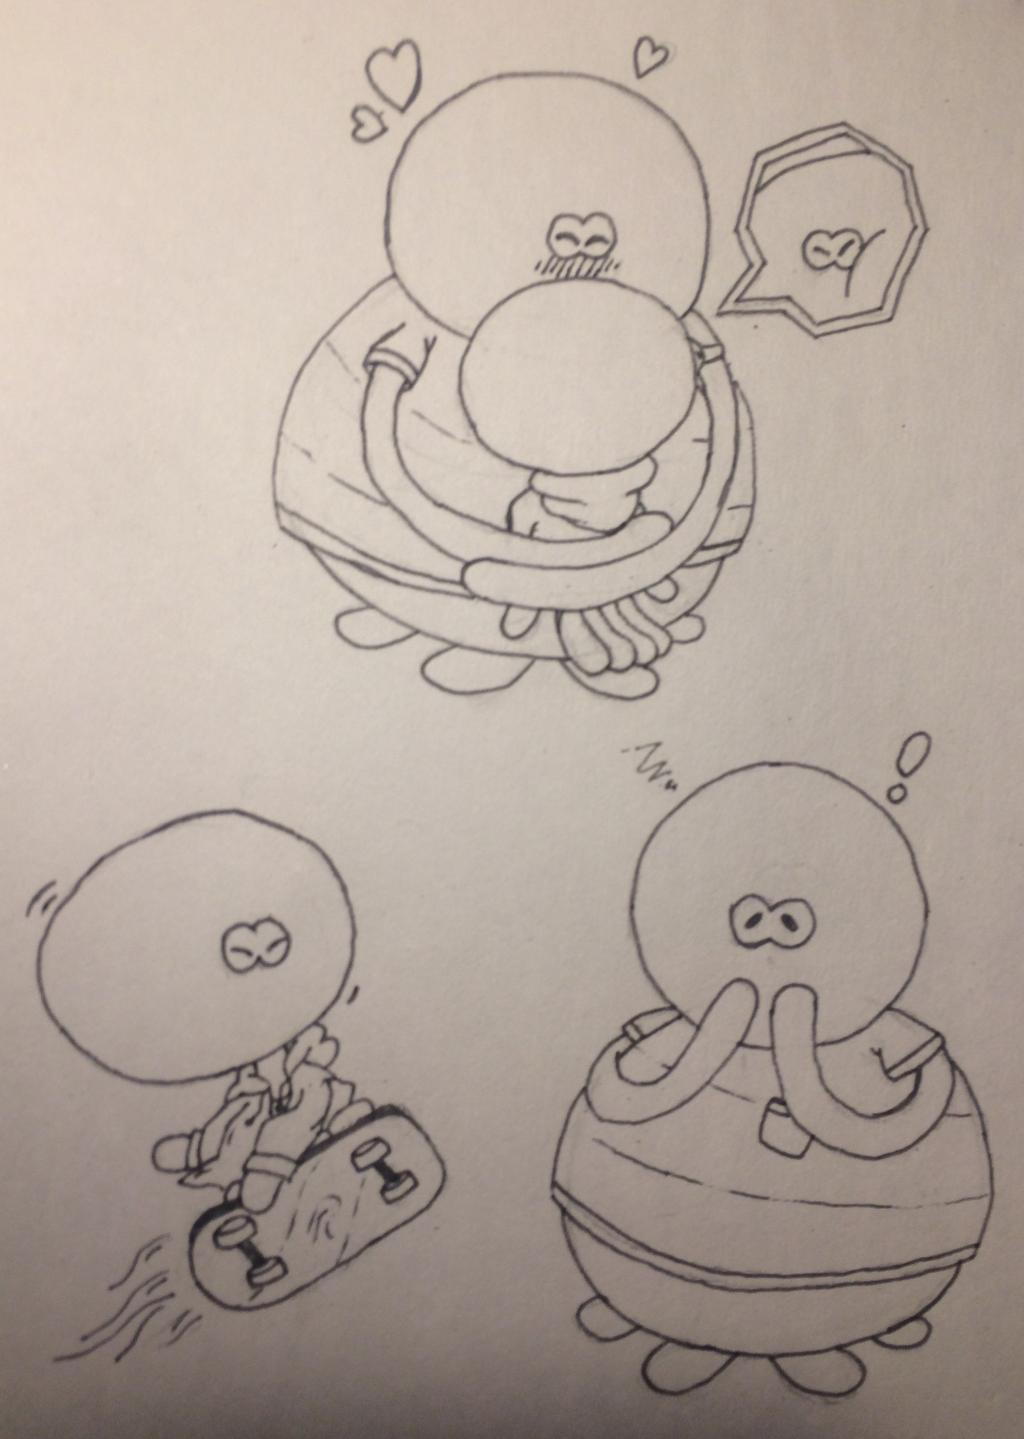 Skwash and Wara Doodles by JamIsNotMyName